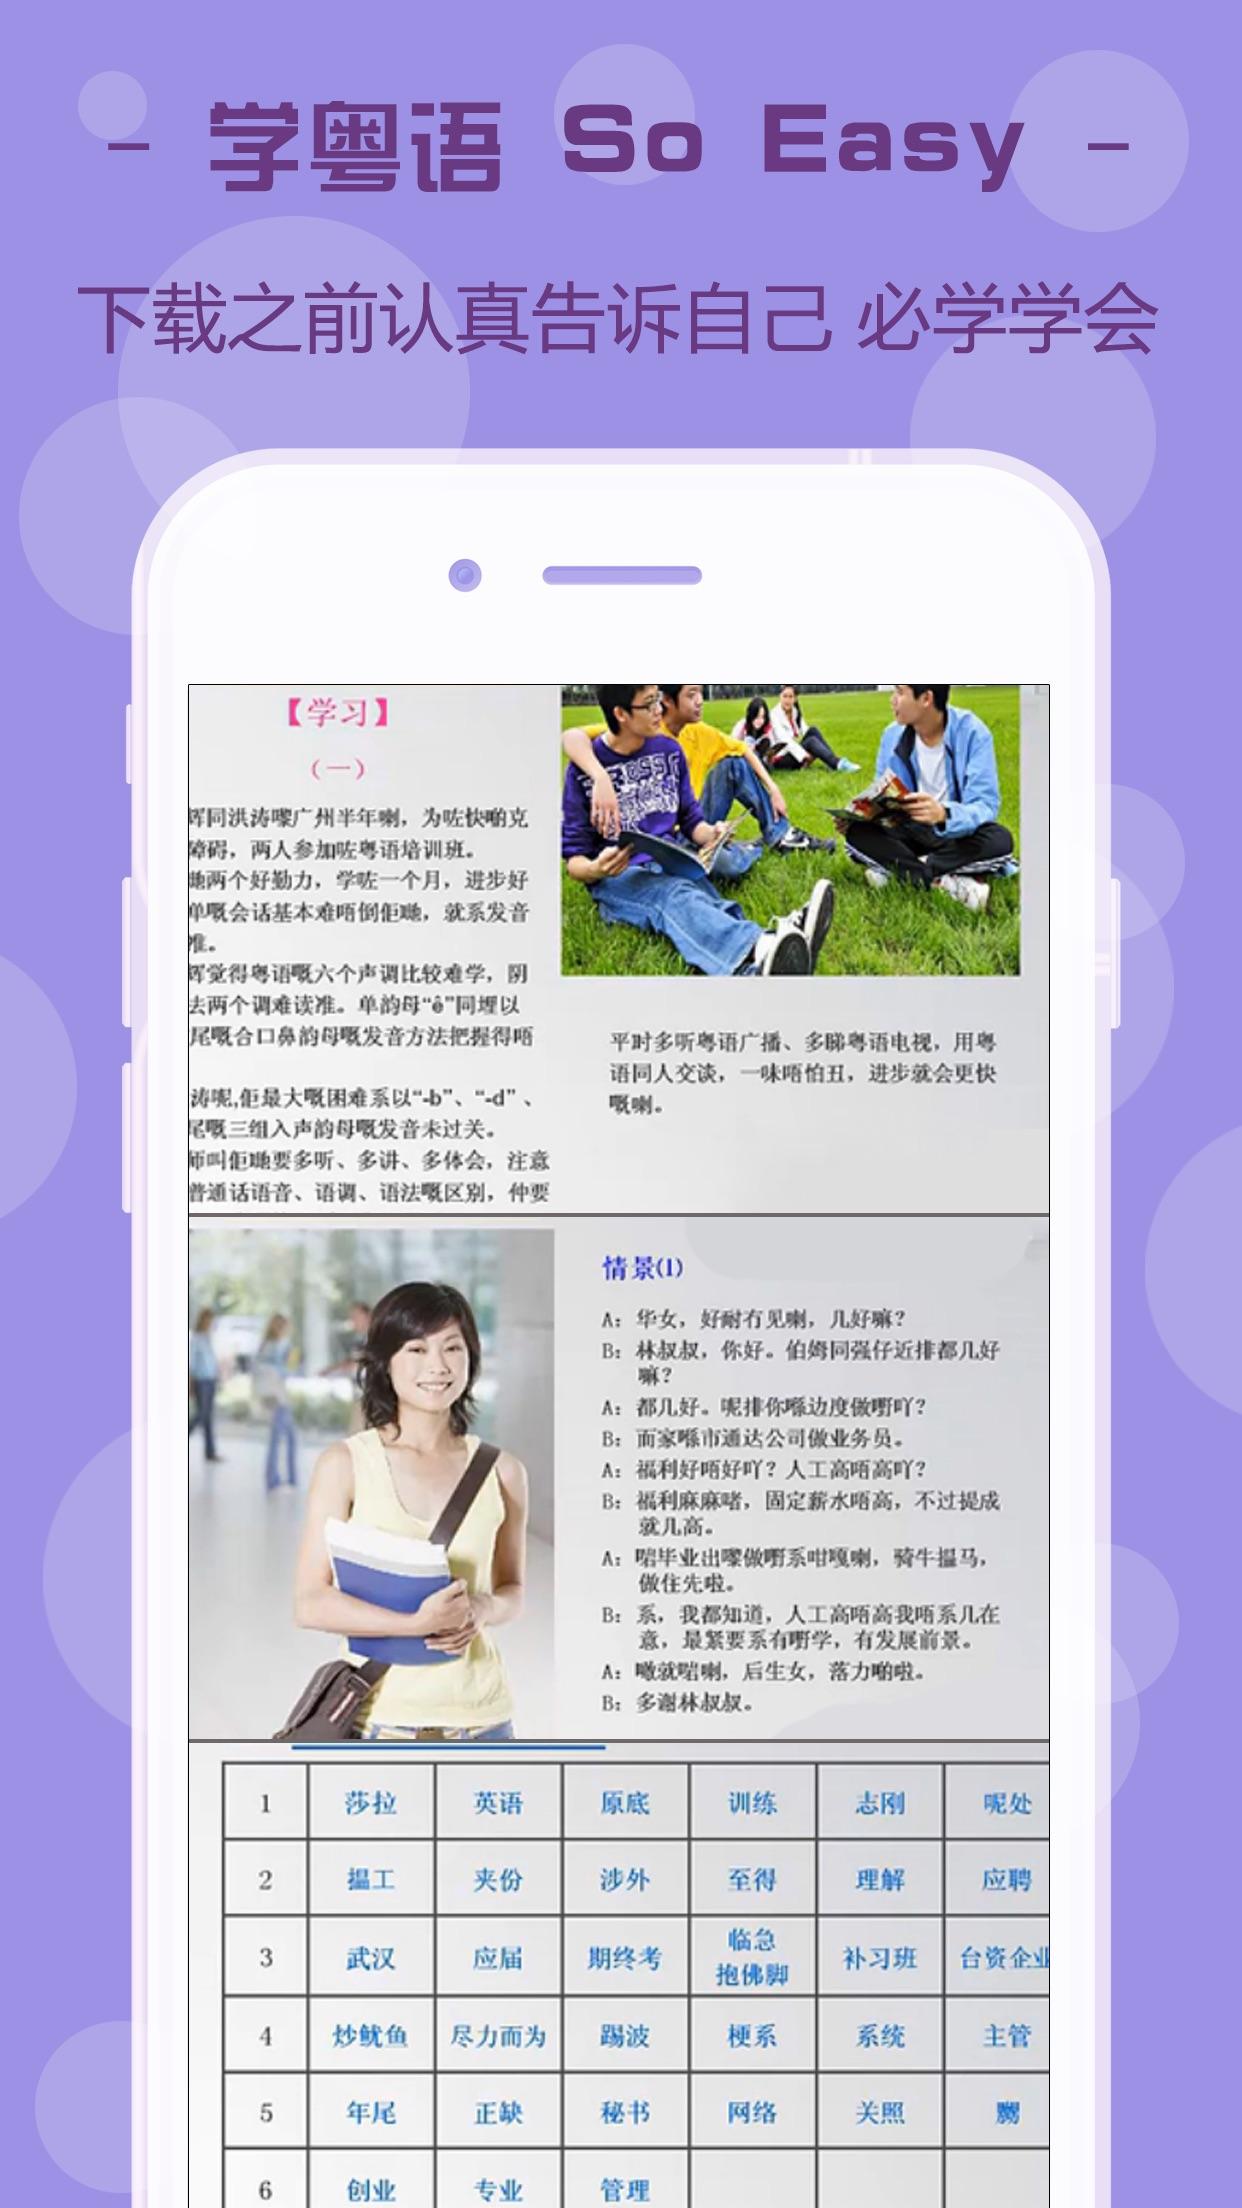 轻松学粤语专业版-广东话白话速成秘籍 Screenshot